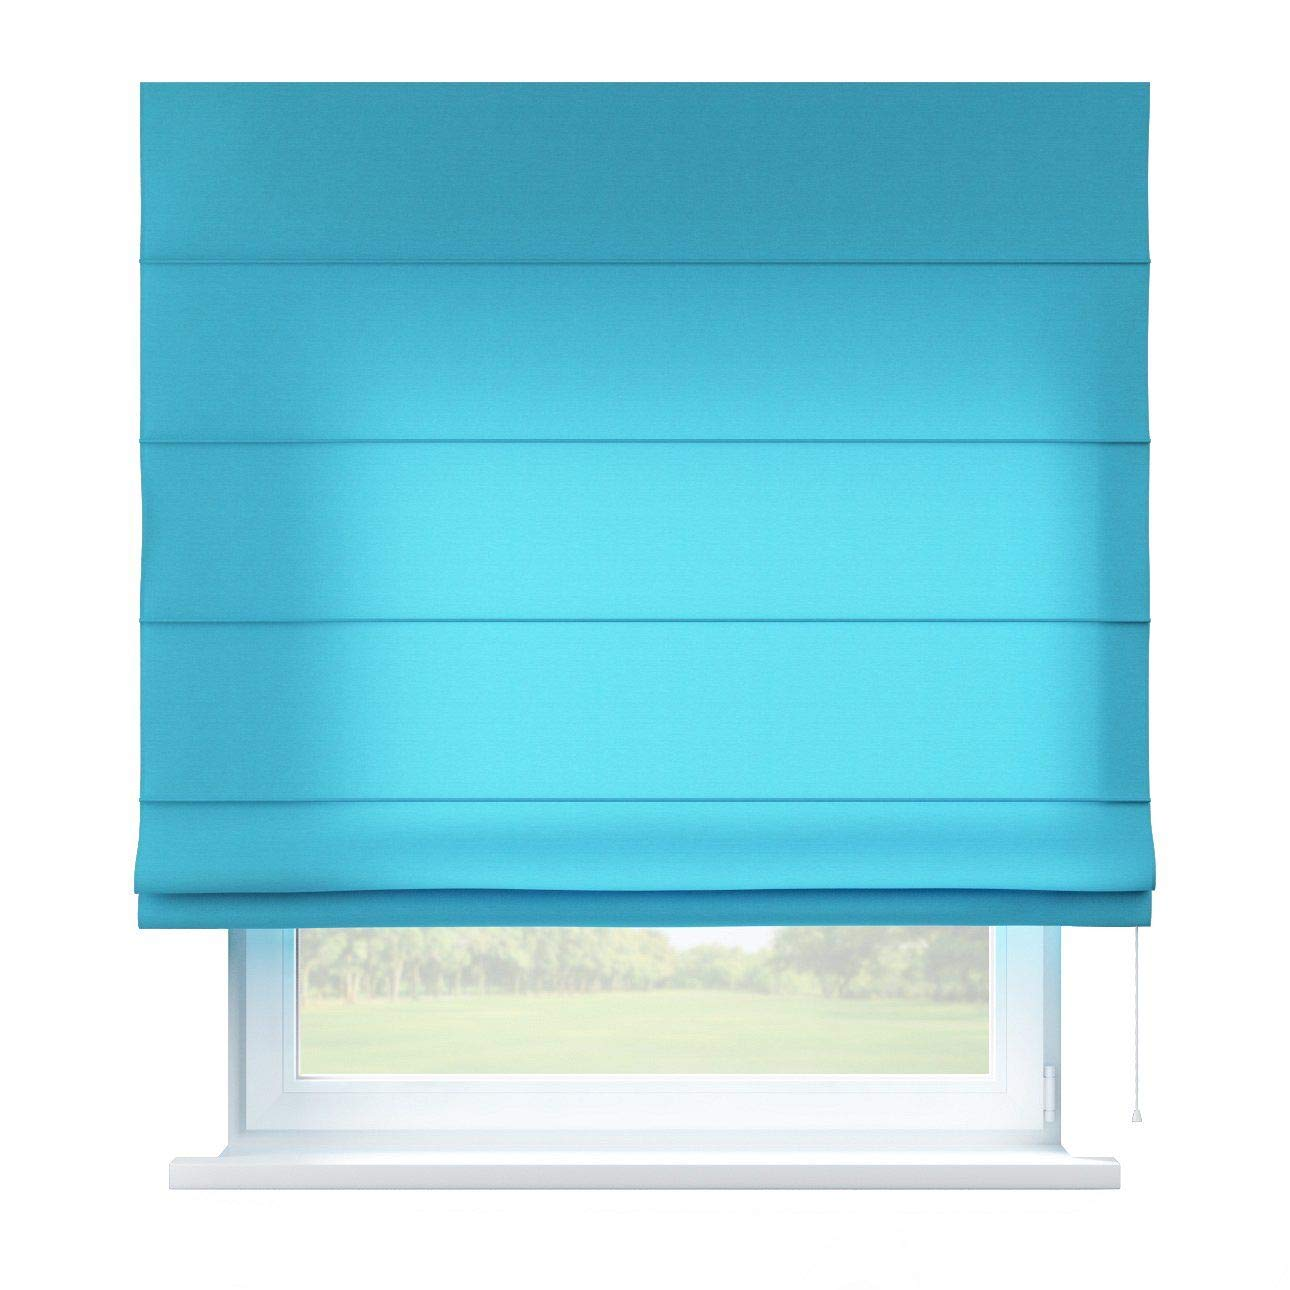 Dekoria Raffrollo Capri ohne Bohren Blickdicht Faltvorhang Raffgardine Wohnzimmer Schlafzimmer Kinderzimmer 130 × 170 cm azurblau Raffrollos auf Maß maßanfertigung möglich